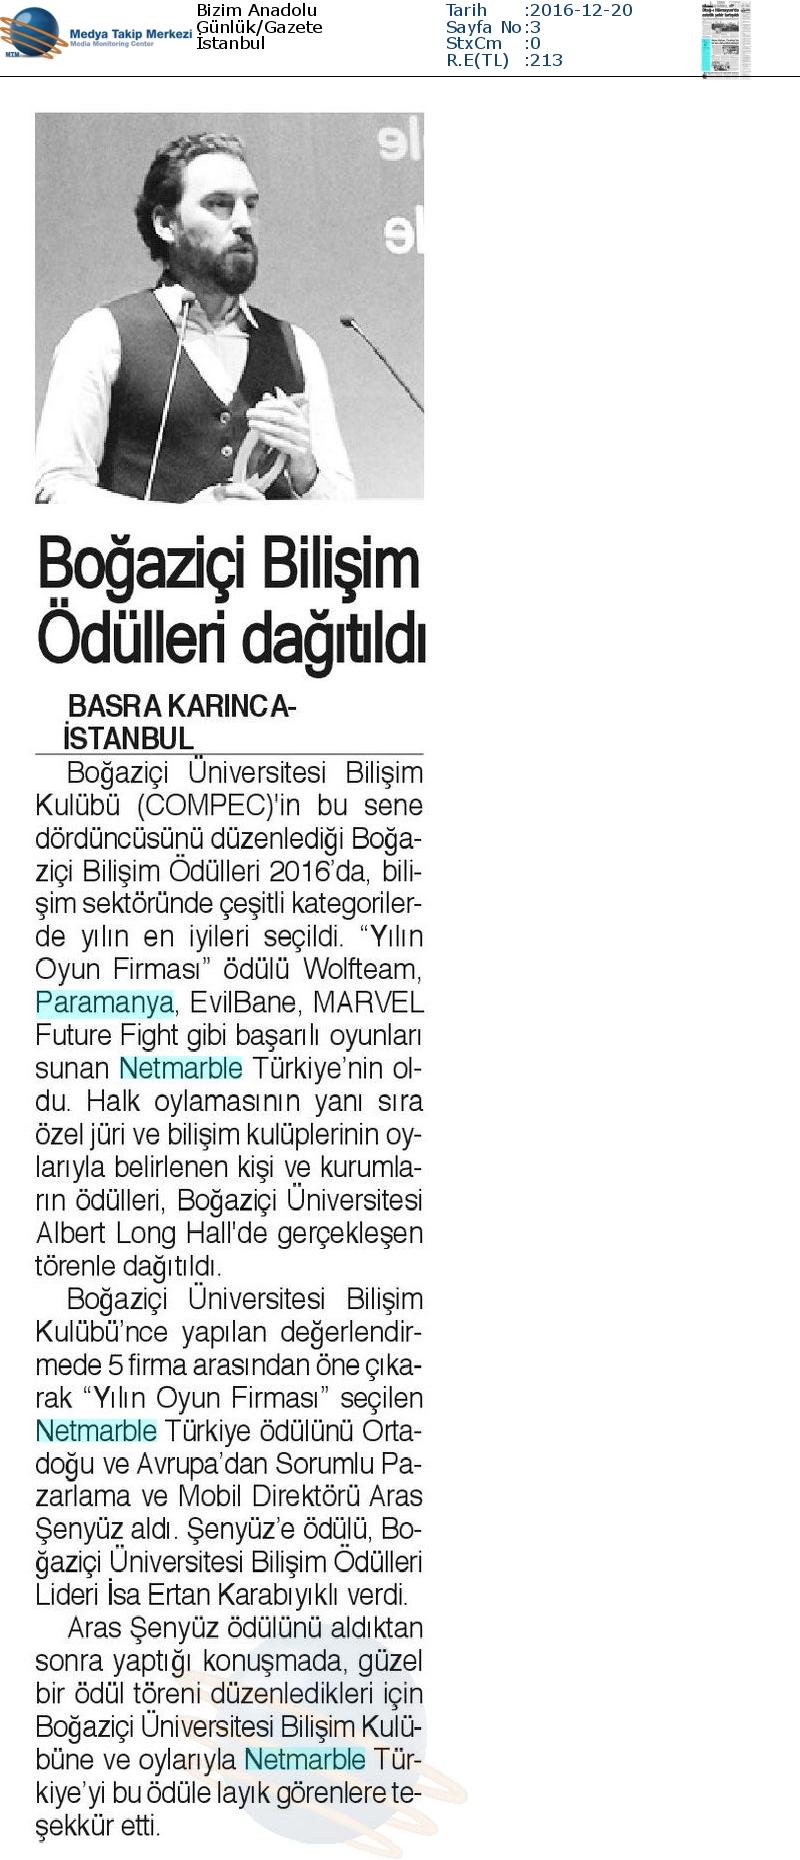 Bizim_Anadolu-BOĞAZİÇİ_BİLİŞİM_ÖDÜLLERİ_DAĞITILDI-20.12.2016